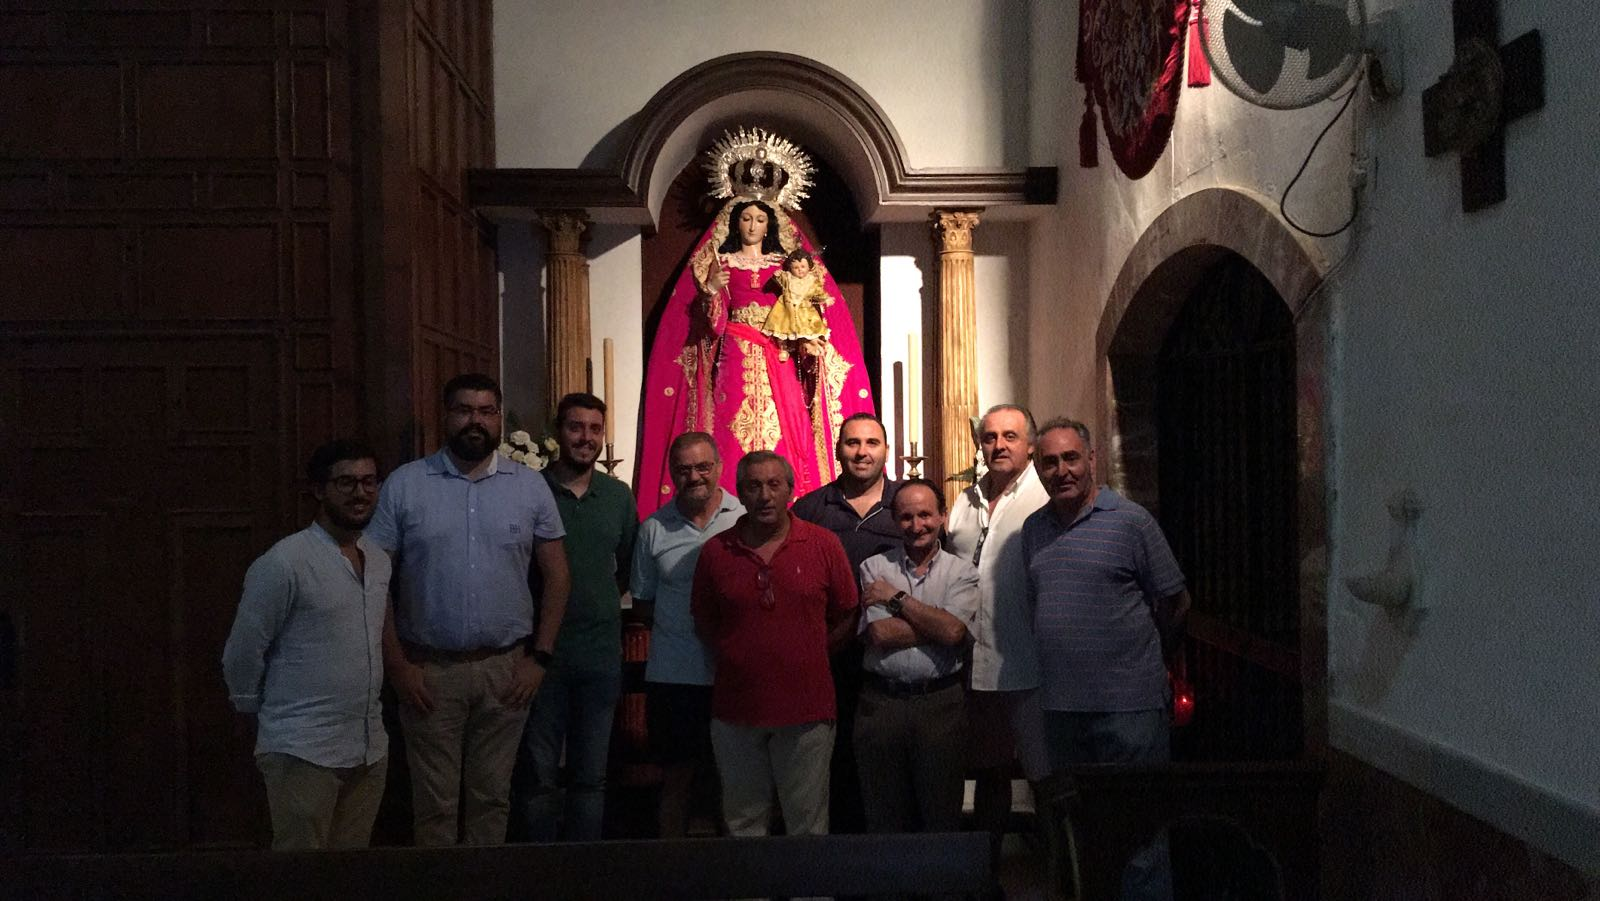 Acuerdo con la Hermandad de Madre de Dios del Rosario, Patrona de Capataces y Costaleros